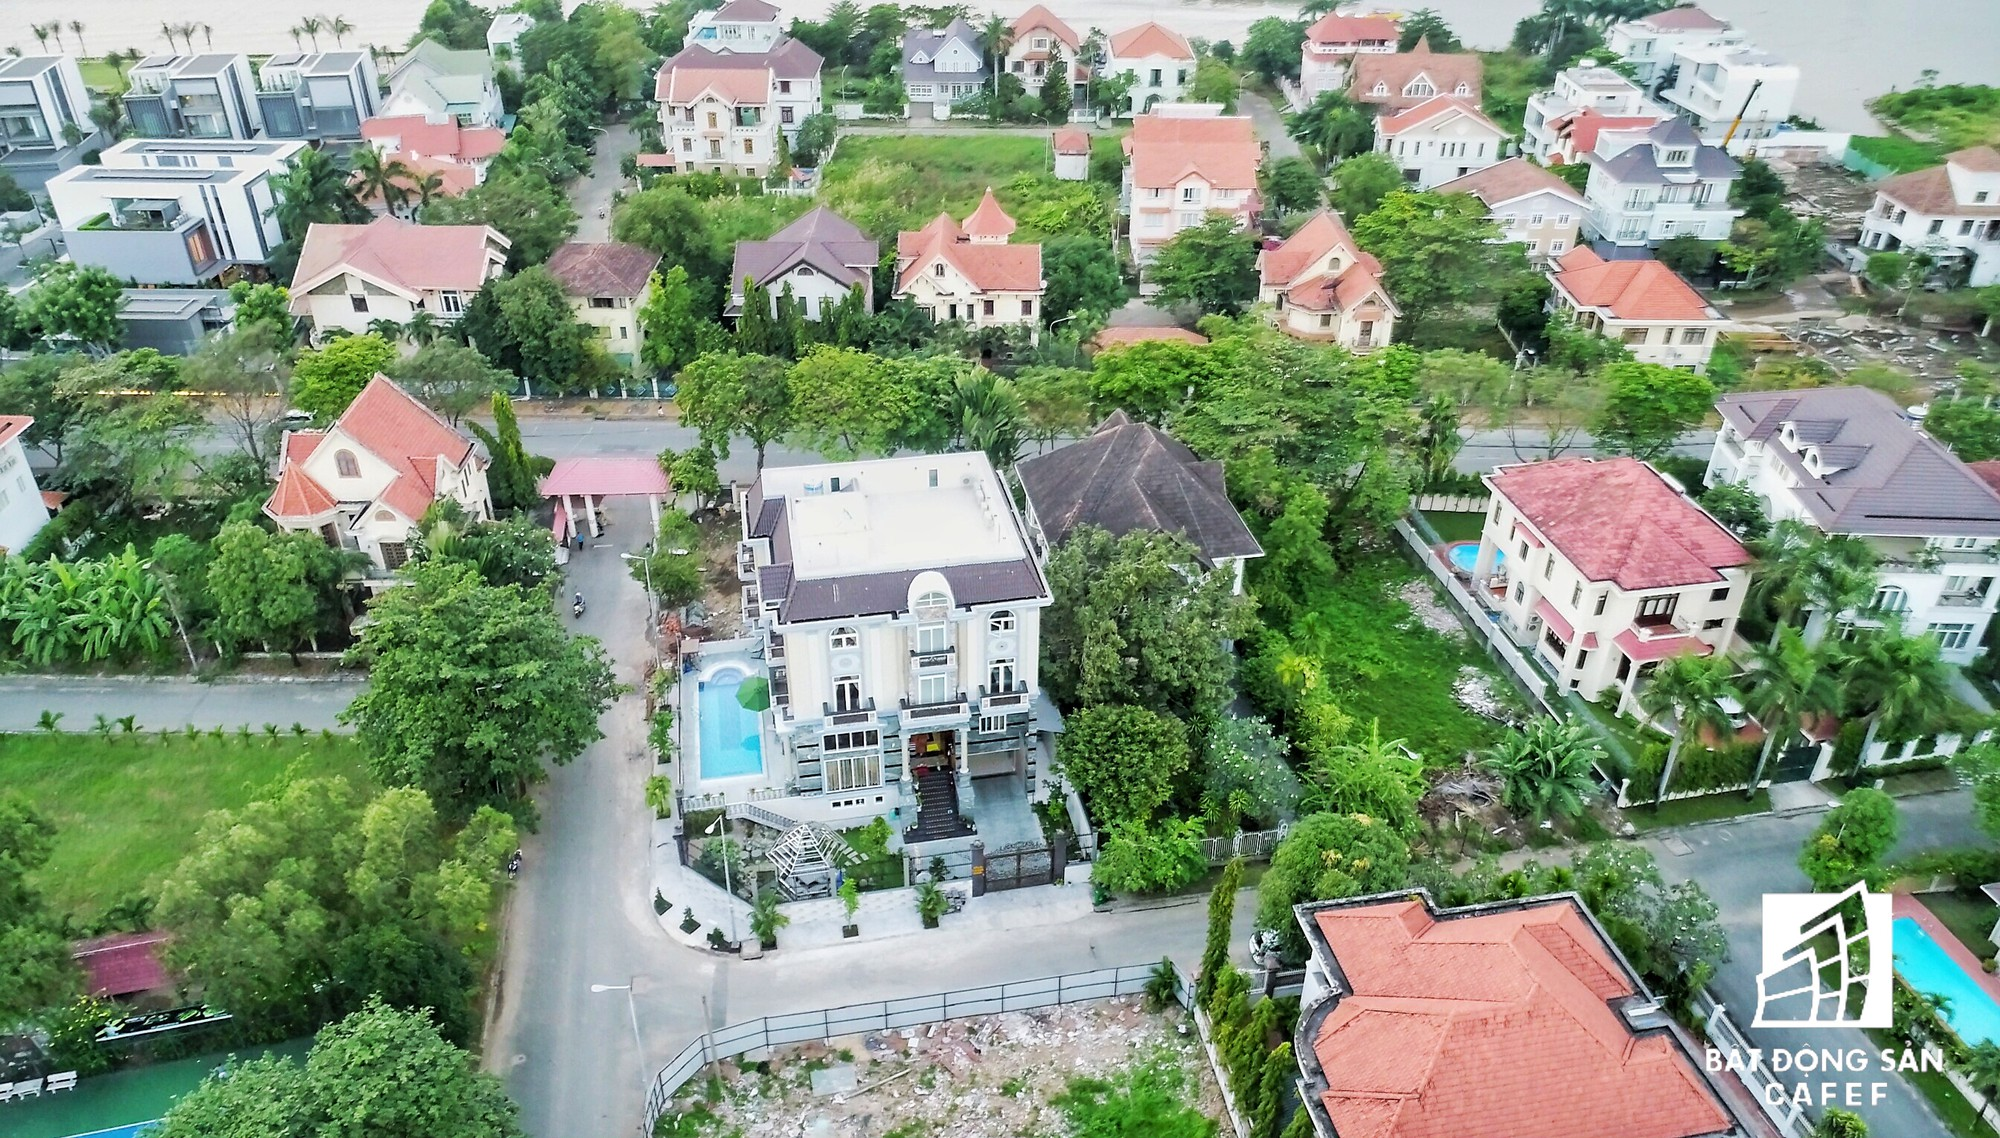 Nhà giàu cũng khóc trong những khu biệt thự sang chảnh bậc nhất Sài Gòn-7